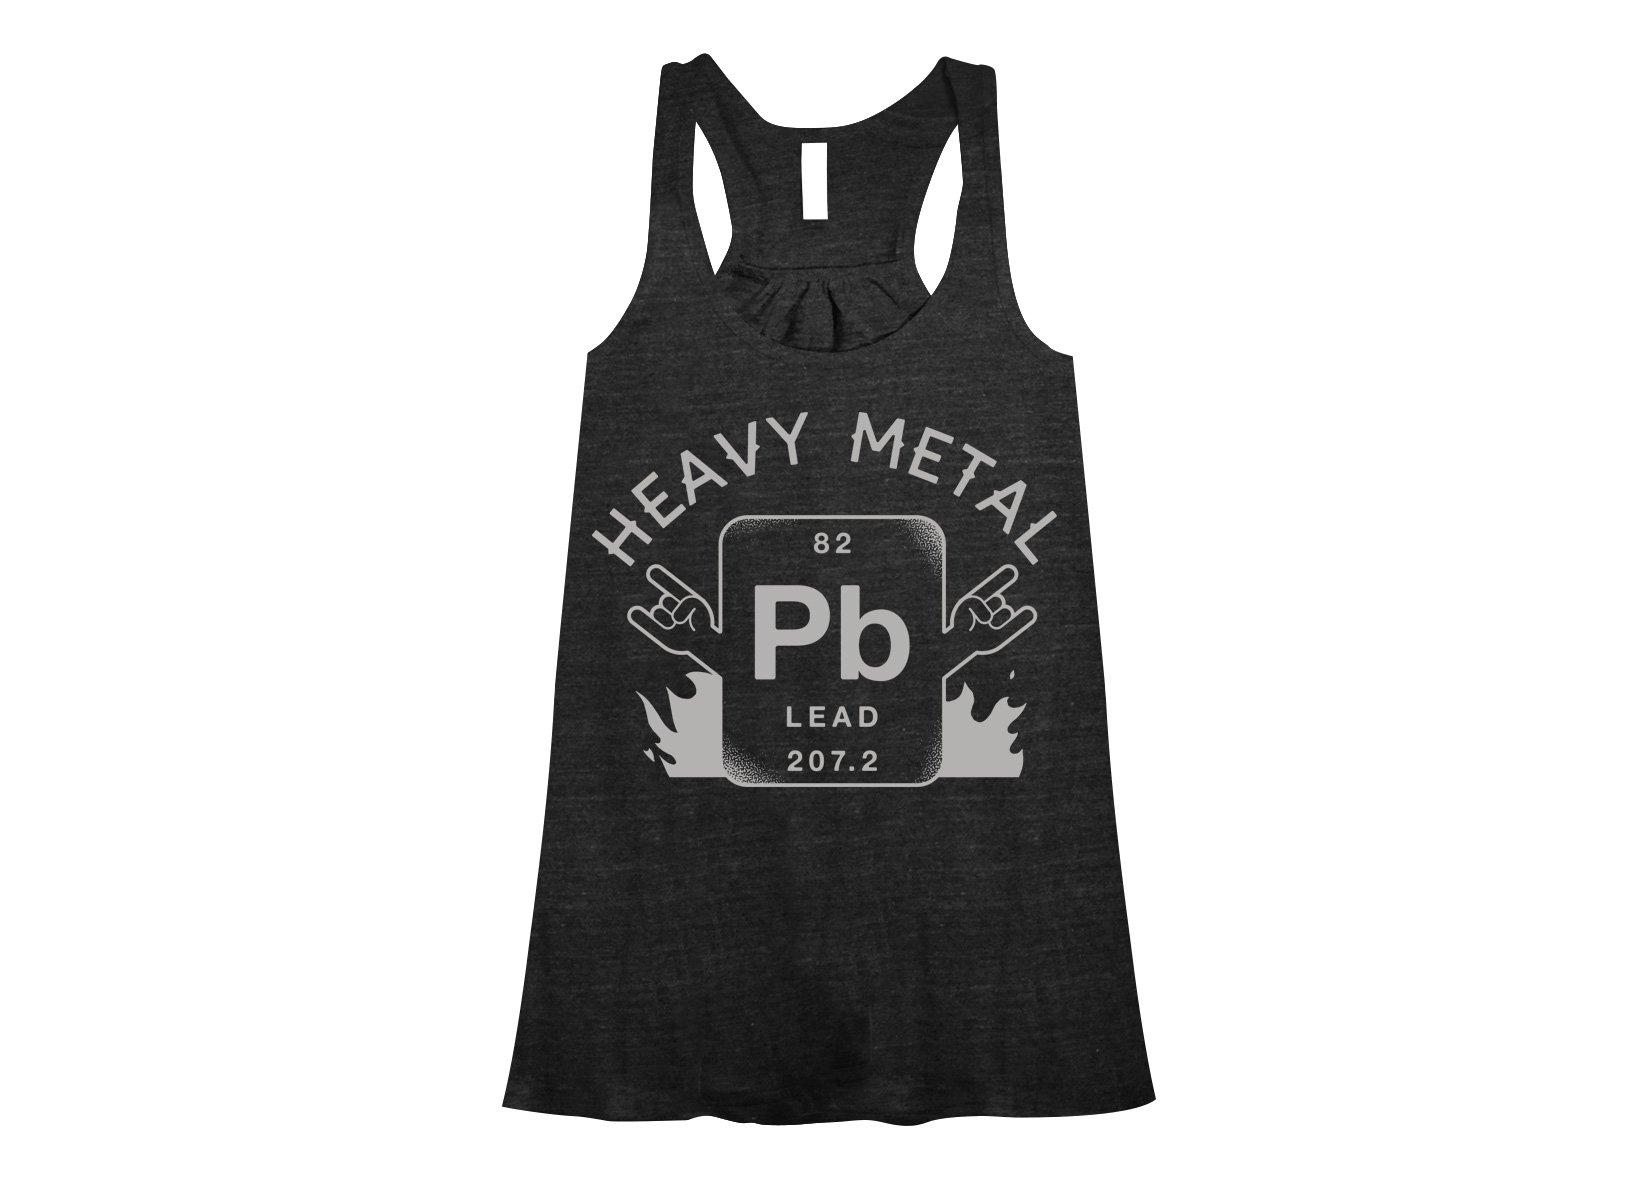 Heavy Metal on Womens Tanks T-Shirt